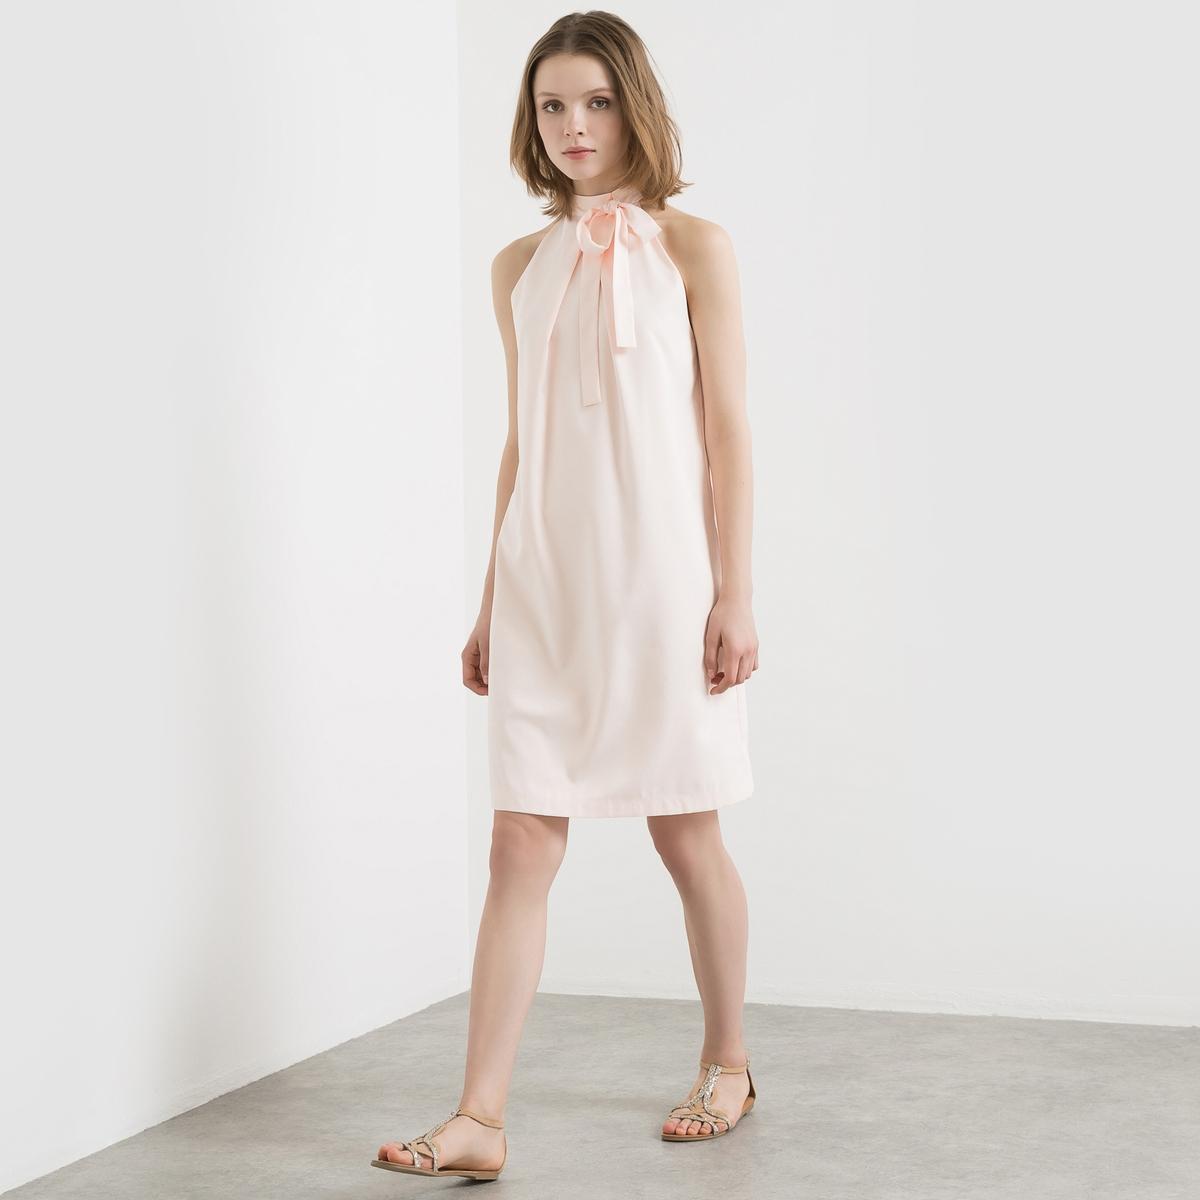 Платье вечернееПлатье для торжества. Атласная ткань. Американские проймы, открытые плечи. Воротник с подвязываемой лентой. Встречная складка по центру спереди и сзади ниже воротника. Длина 90 см.Состав и описаниеМарка : MADEMOISELLE R.Материалы : Платье 100% полиэстера - Подкладка 100% хлопкаДлина : 90 смУходМашинная стирка при 30 °C в деликатном режиме Стирать с вещами схожих цветов Стирать и гладить с изнаночной стороны Барабанная сушка запрещена Гладить при низкой температуре.<br><br>Цвет: телесный,черный<br>Размер: 38 (FR) - 44 (RUS).42 (FR) - 48 (RUS).40 (FR) - 46 (RUS).36 (FR) - 42 (RUS).42 (FR) - 48 (RUS)